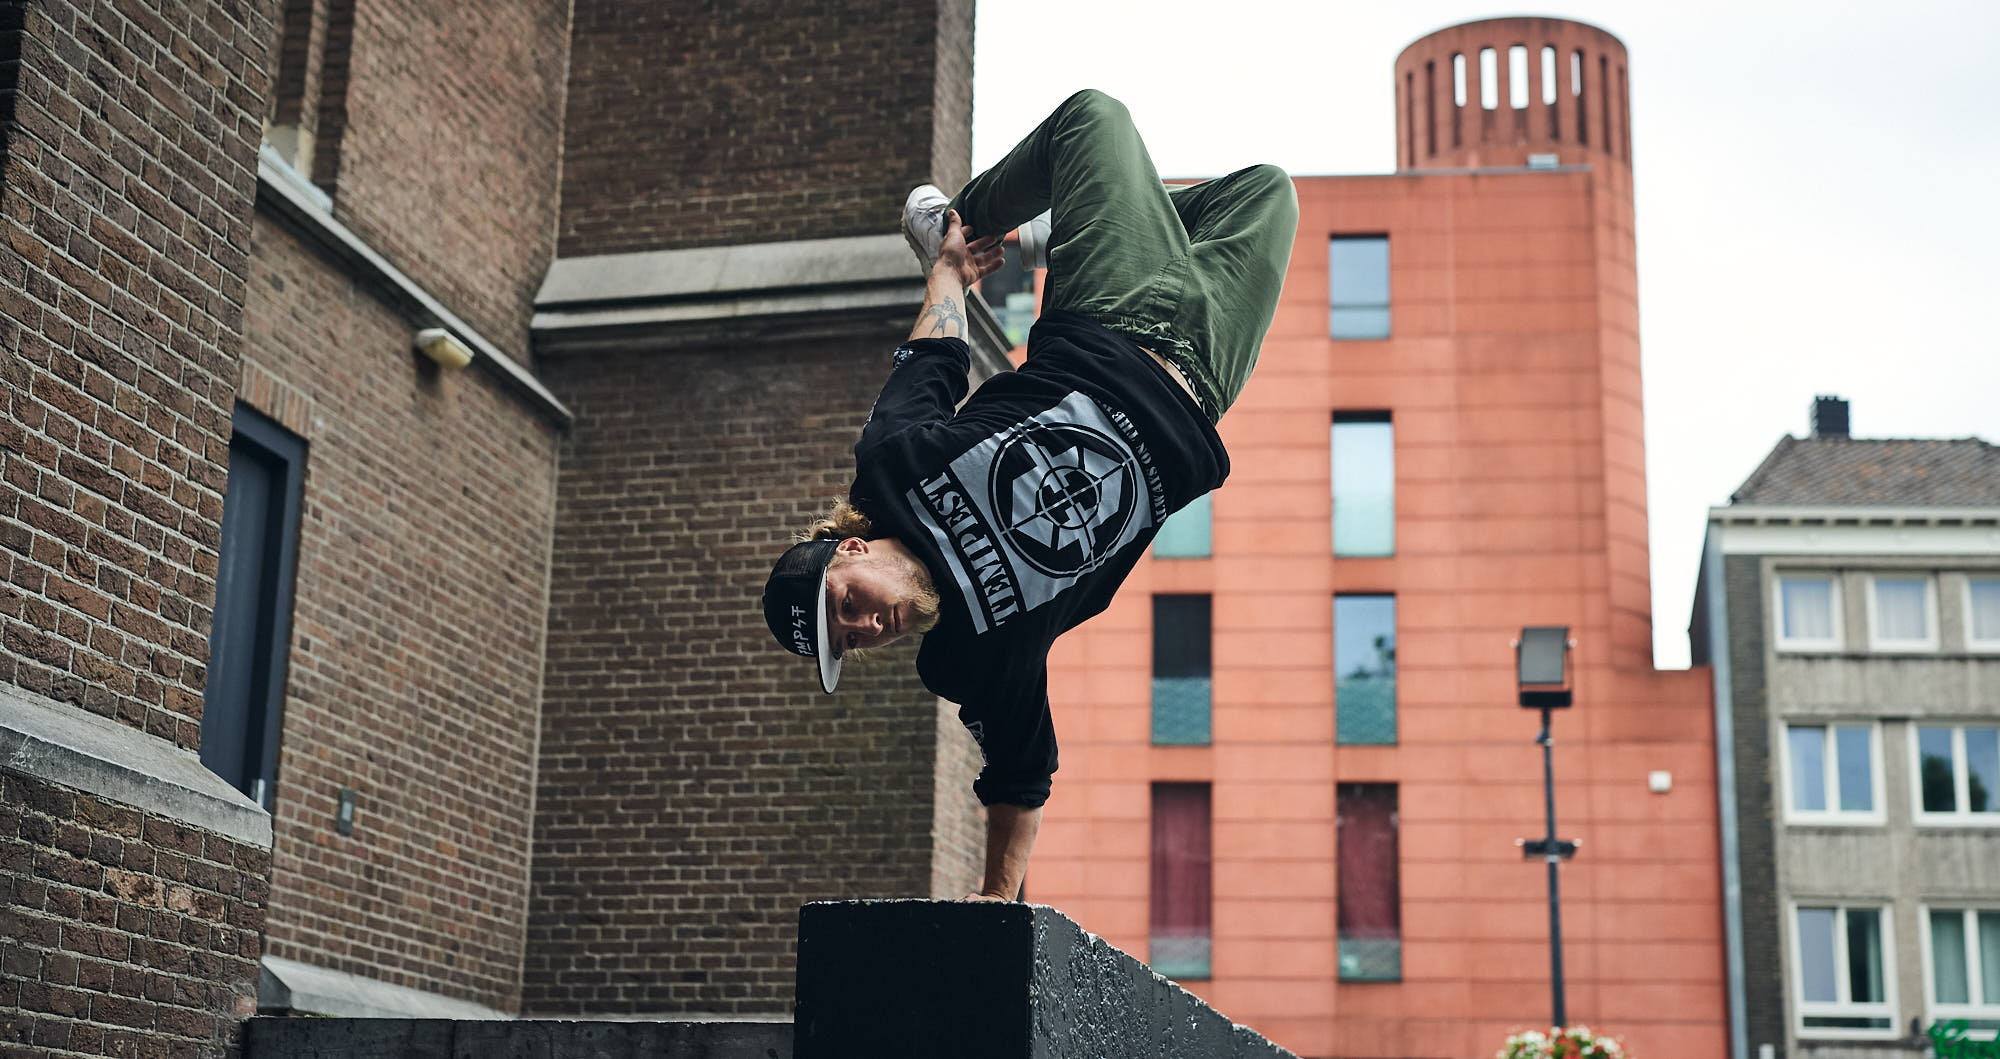 Bart van der Linden performing a handstand